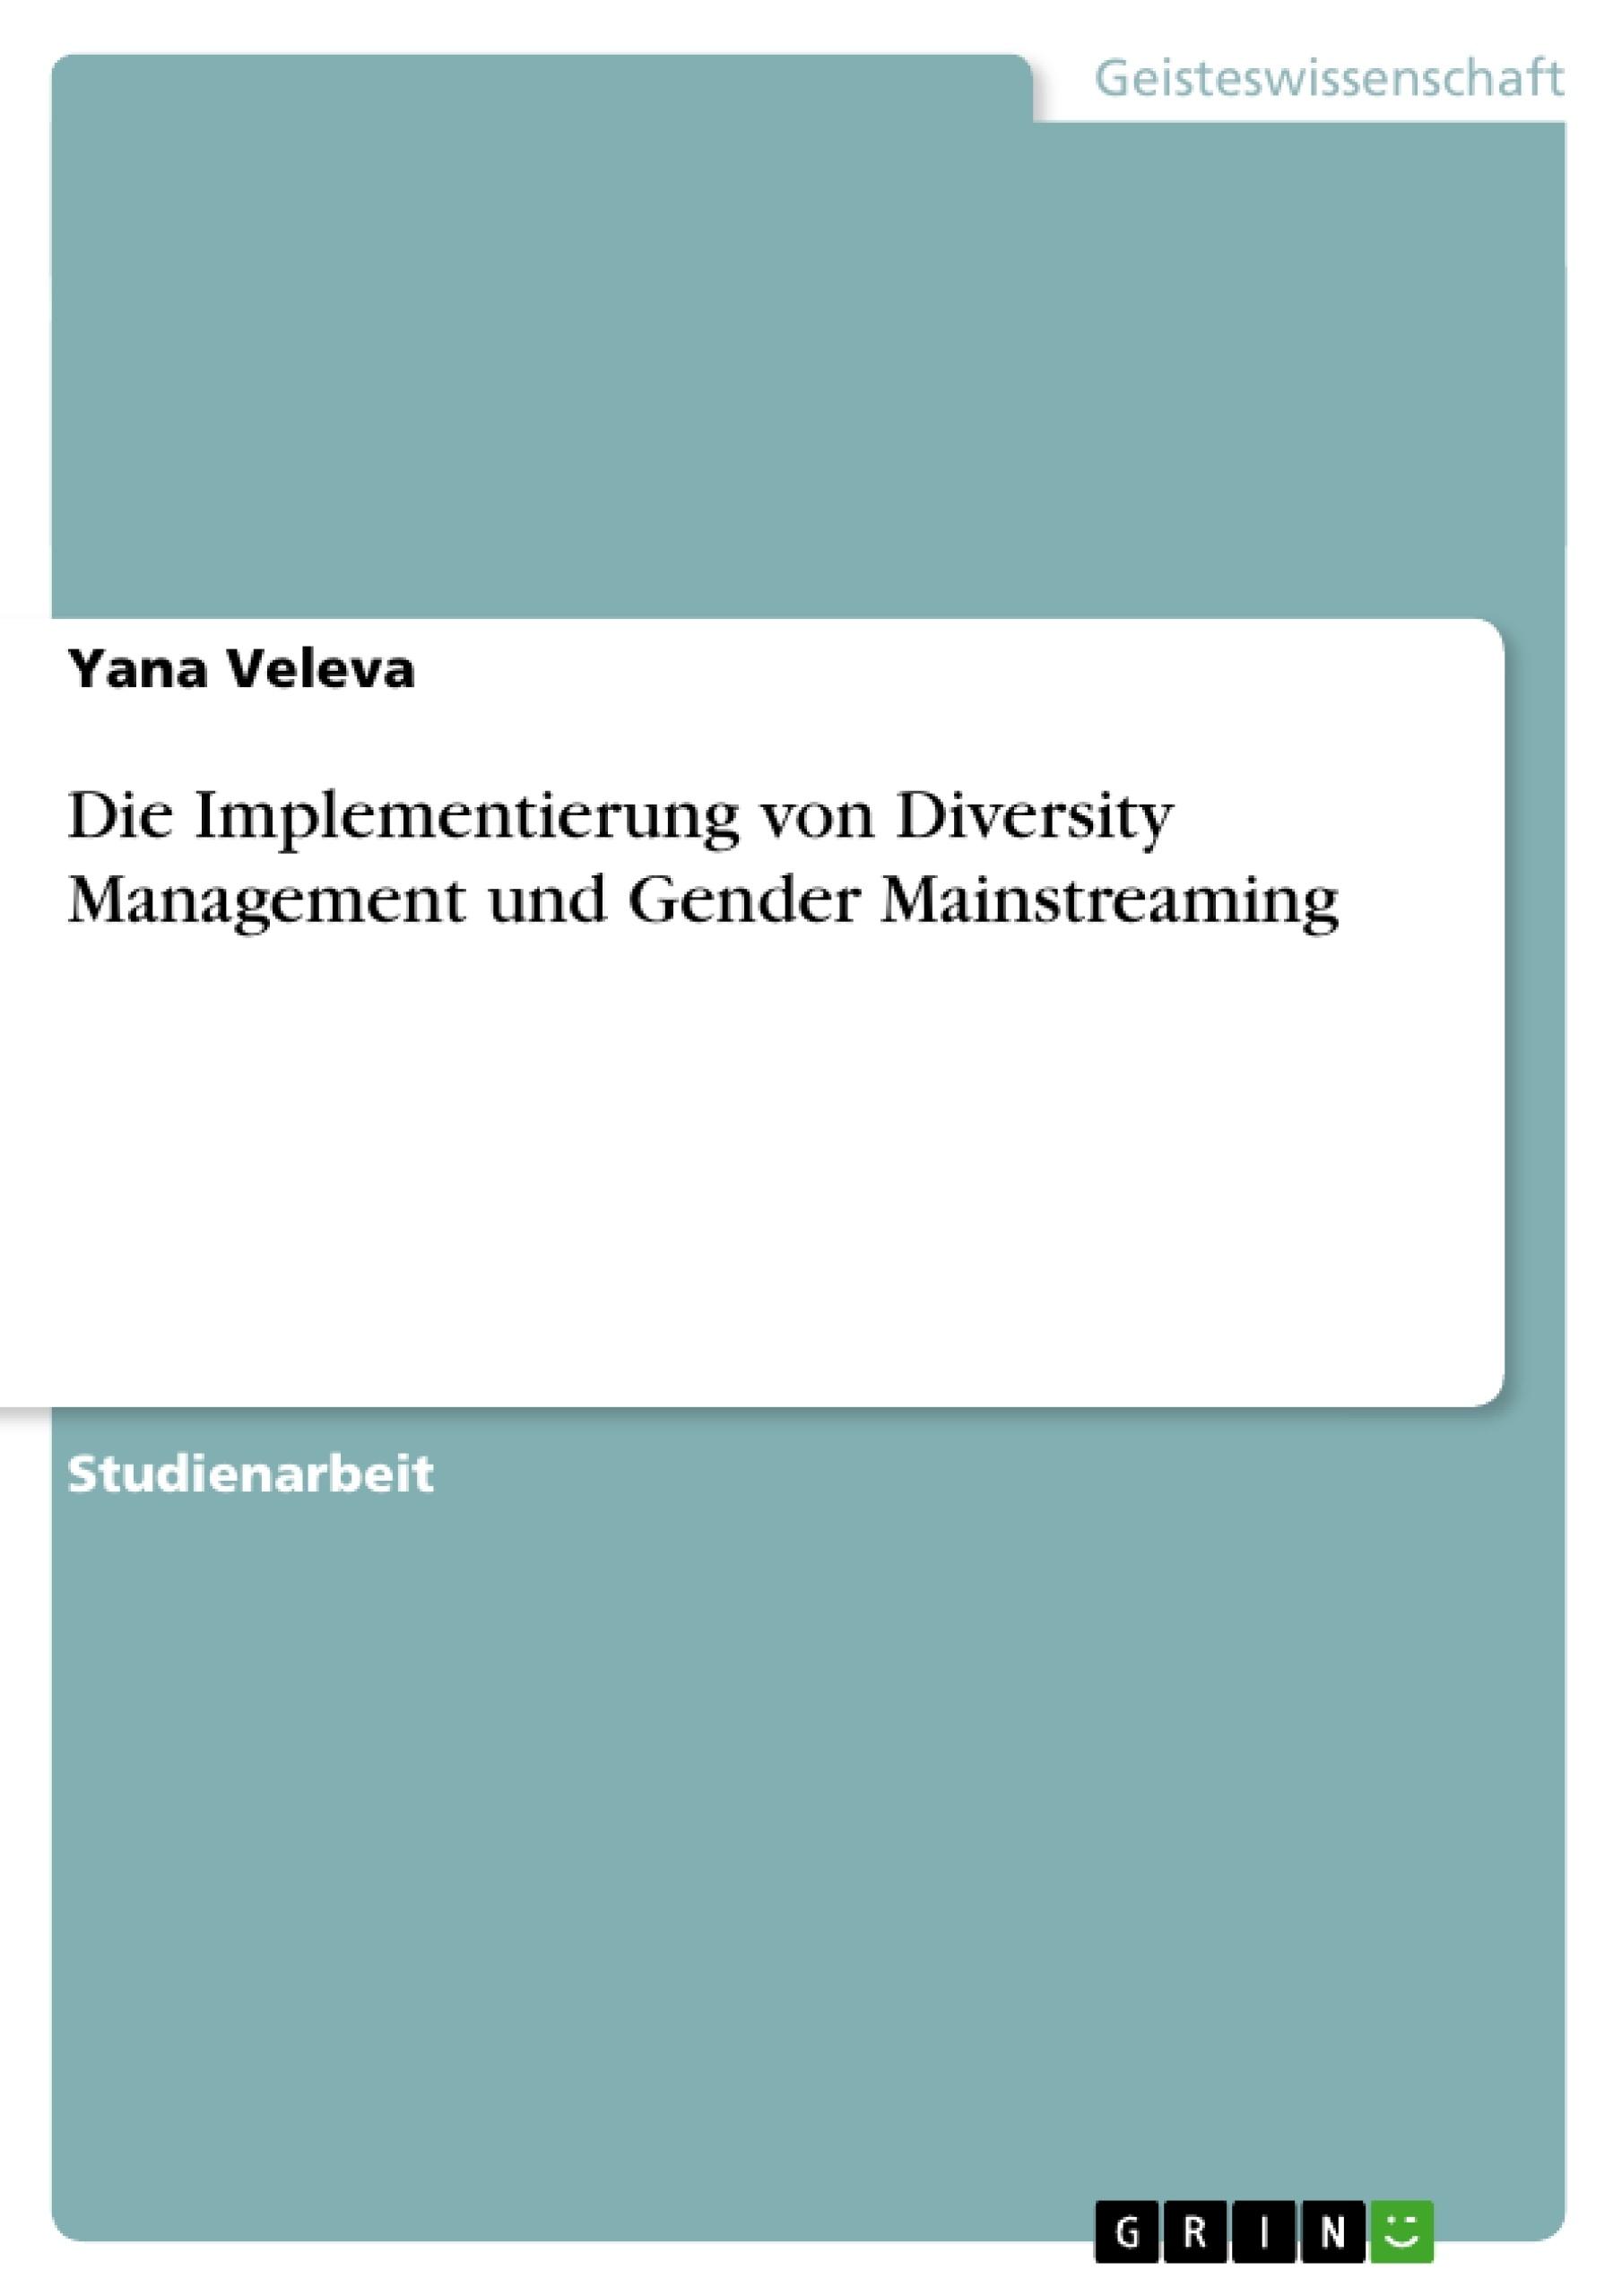 Titel: Die Implementierung von Diversity Management und Gender Mainstreaming